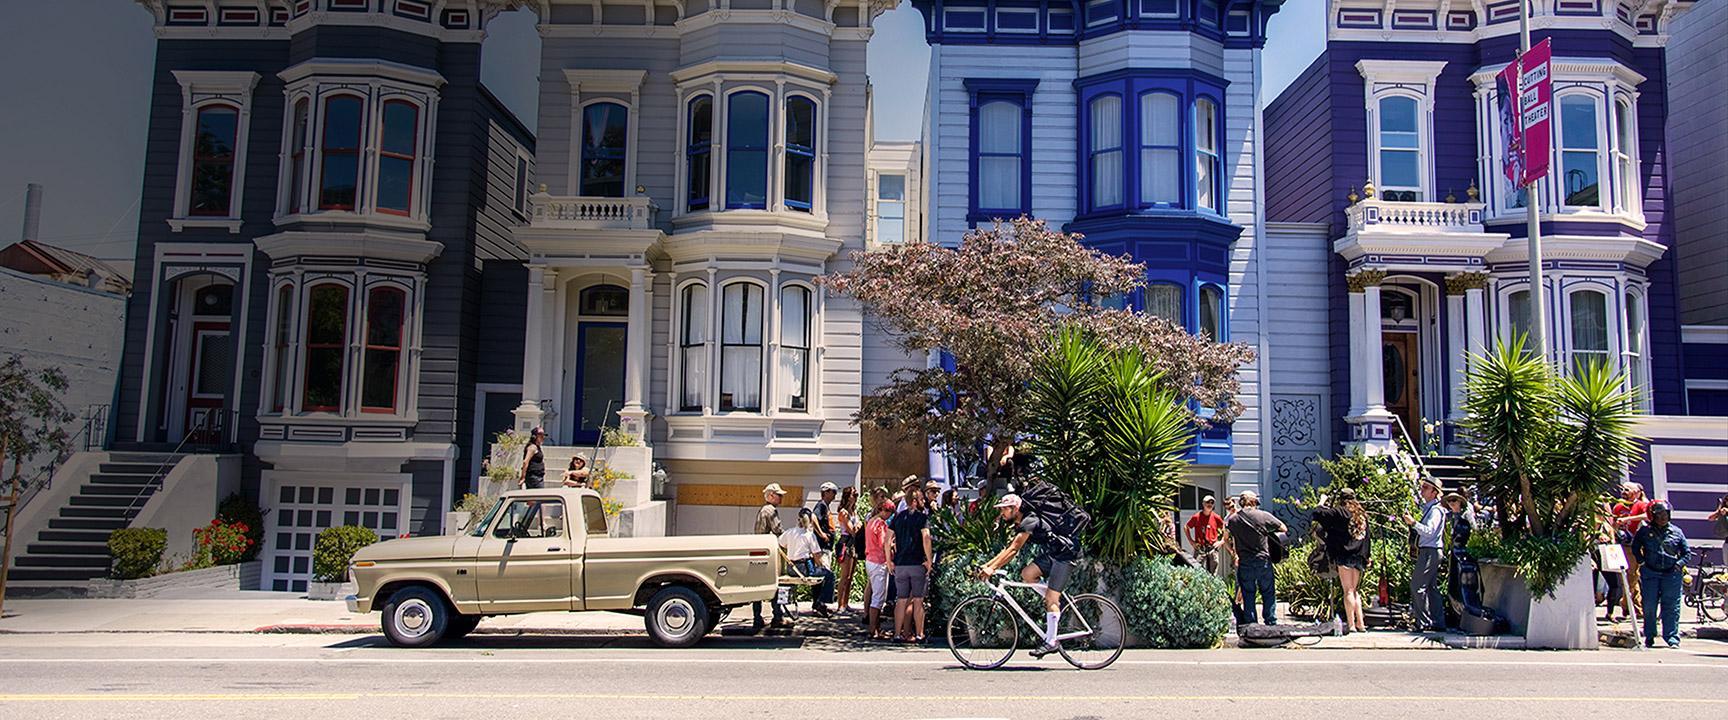 Khu phố San Francisco tụ tập với nhạc sống